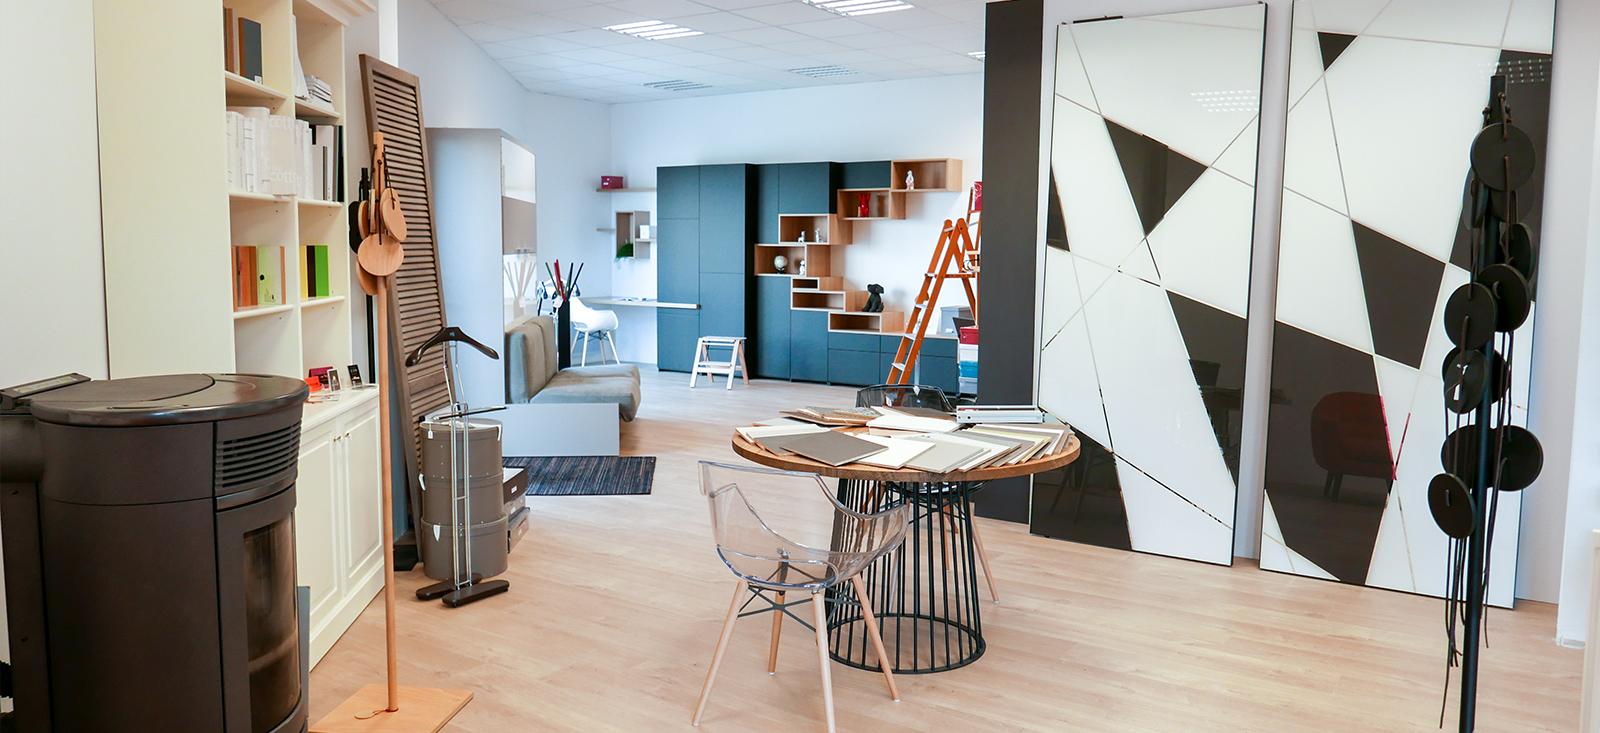 Notre showroom agencement dressing à Saint-Malo